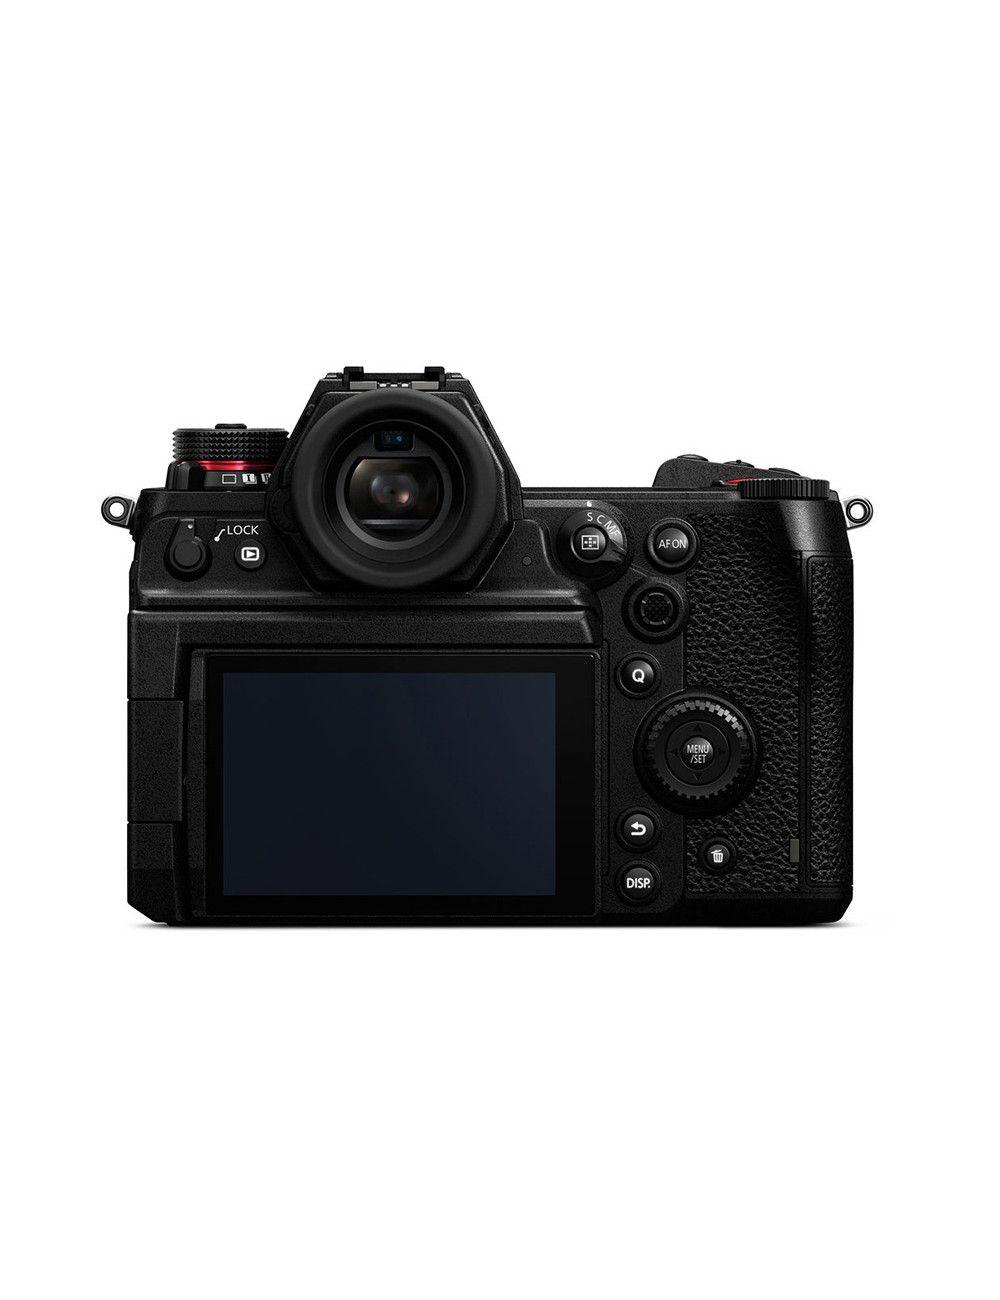 Mochila GRANDE para fotografía y Video Nest EB-800 PRO